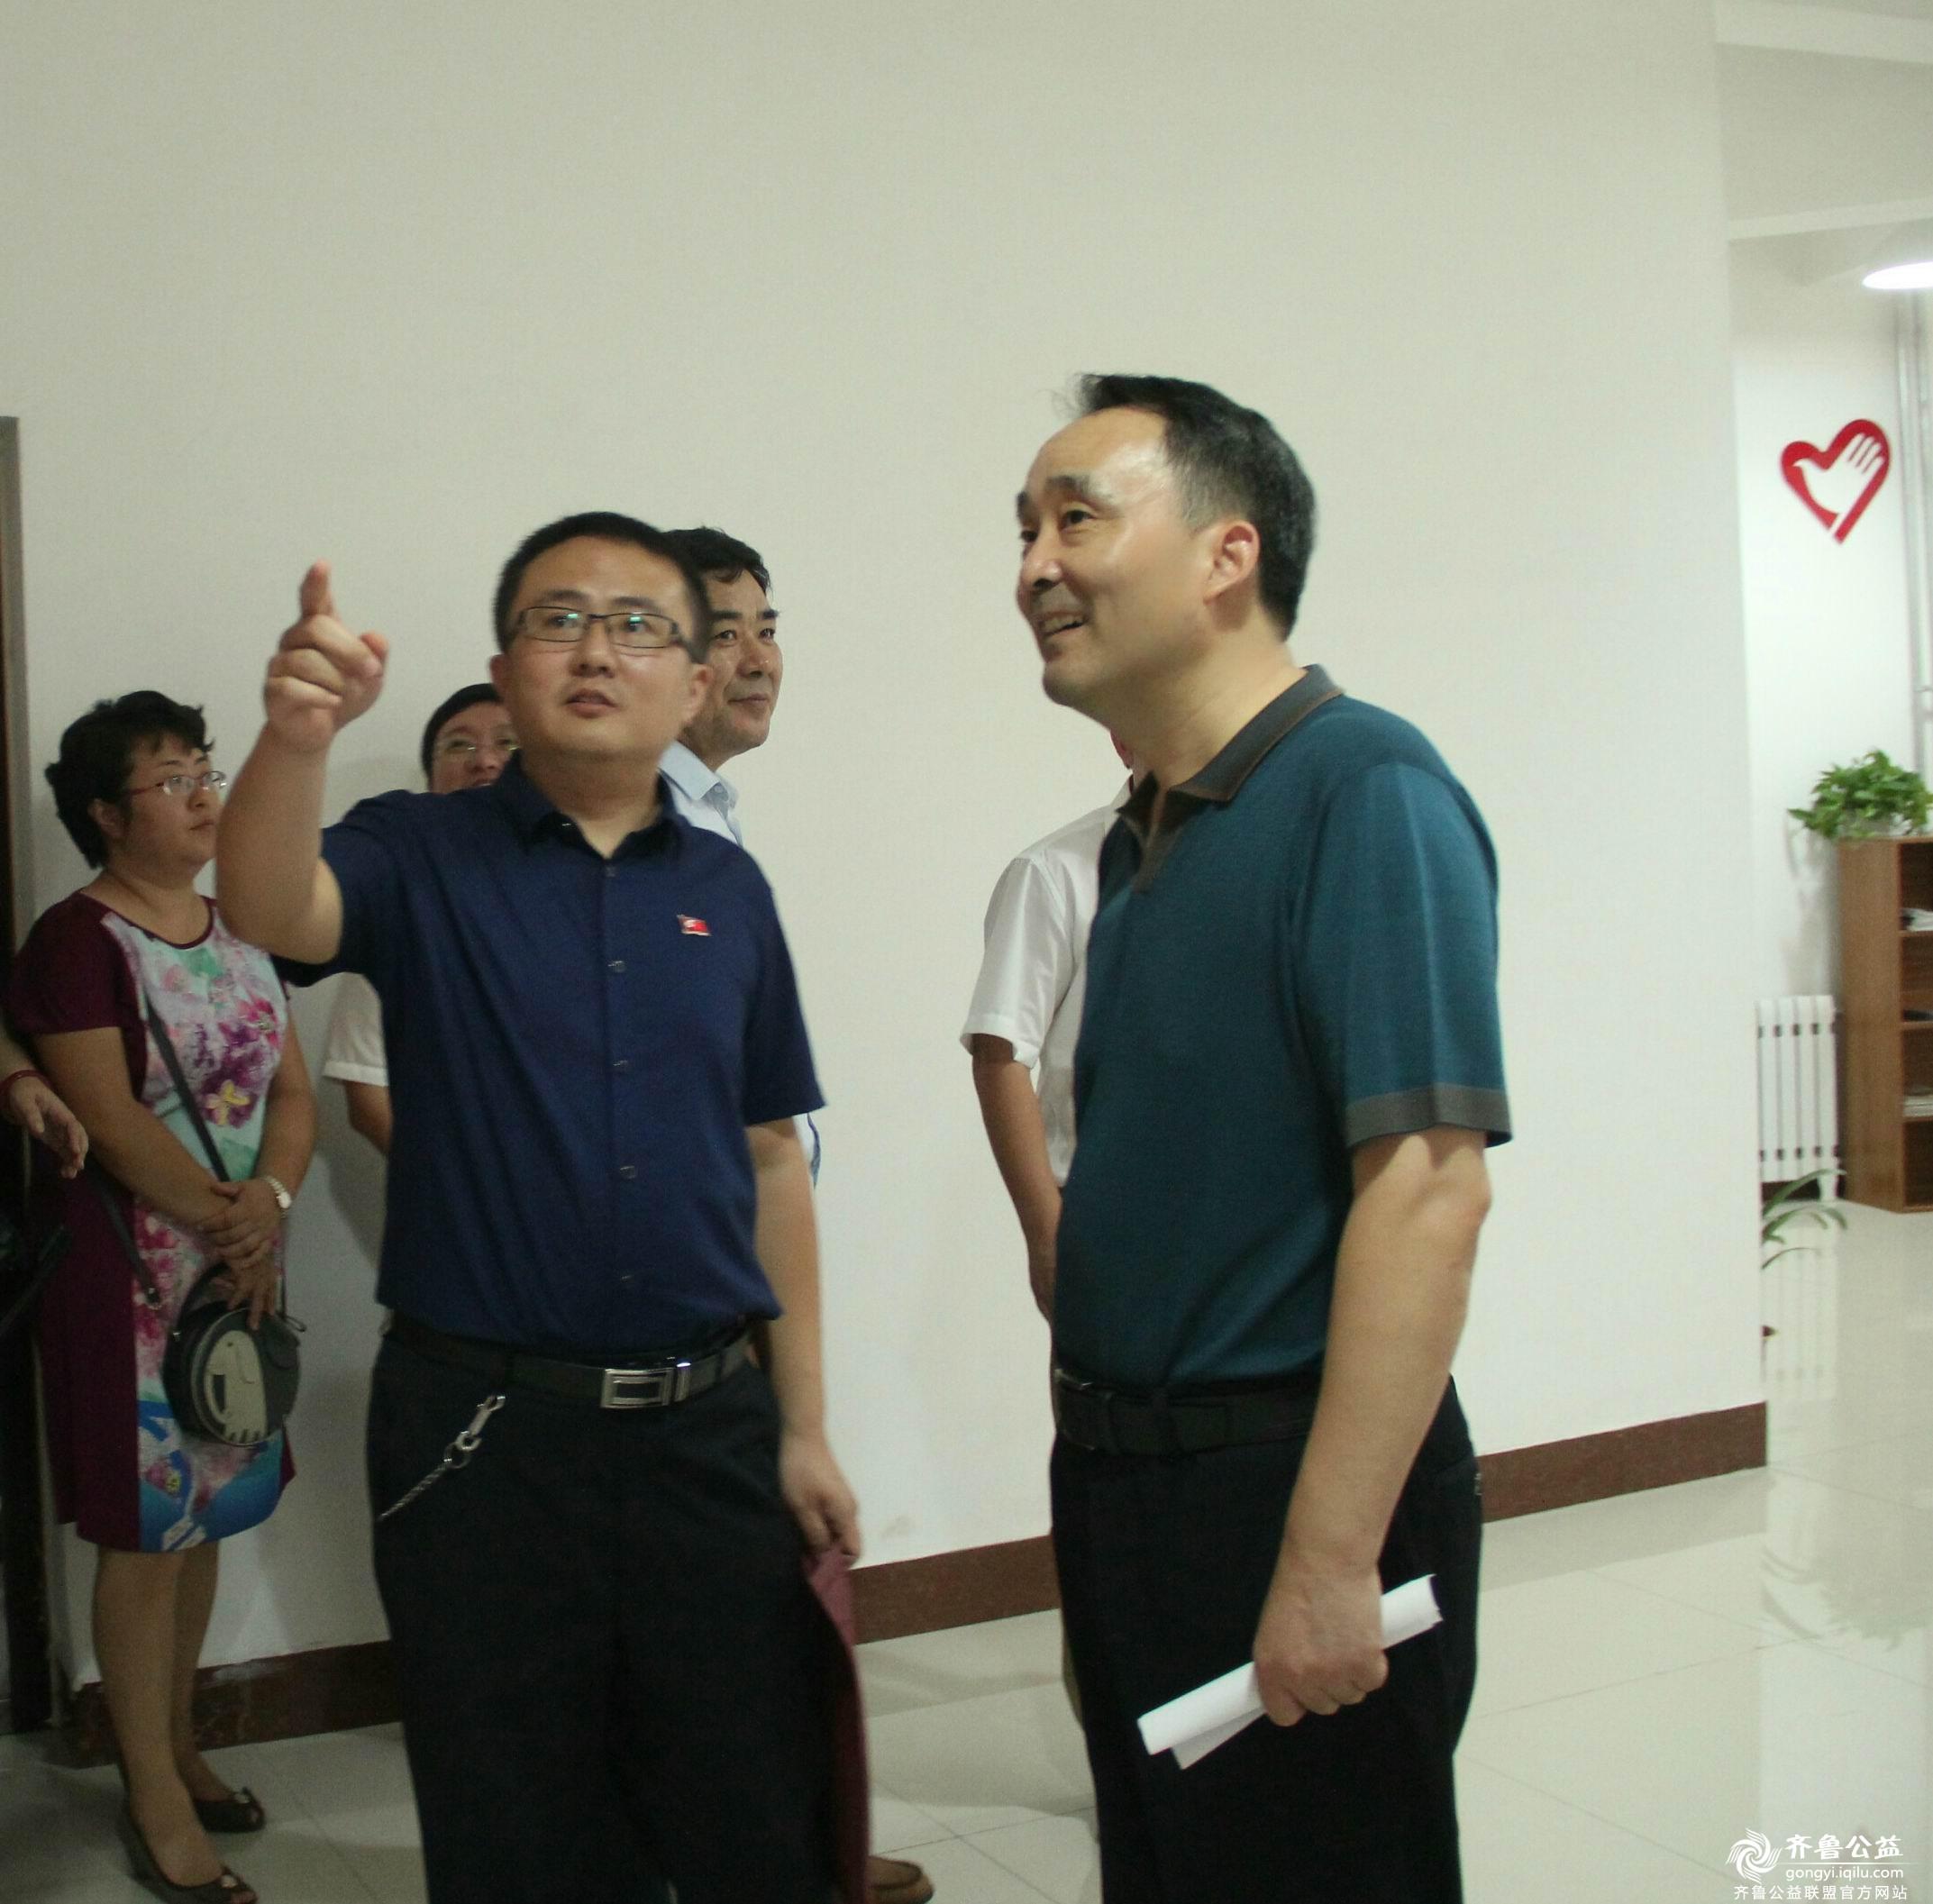 市委统战部副部长参观山东哥哥工作室1.jpg